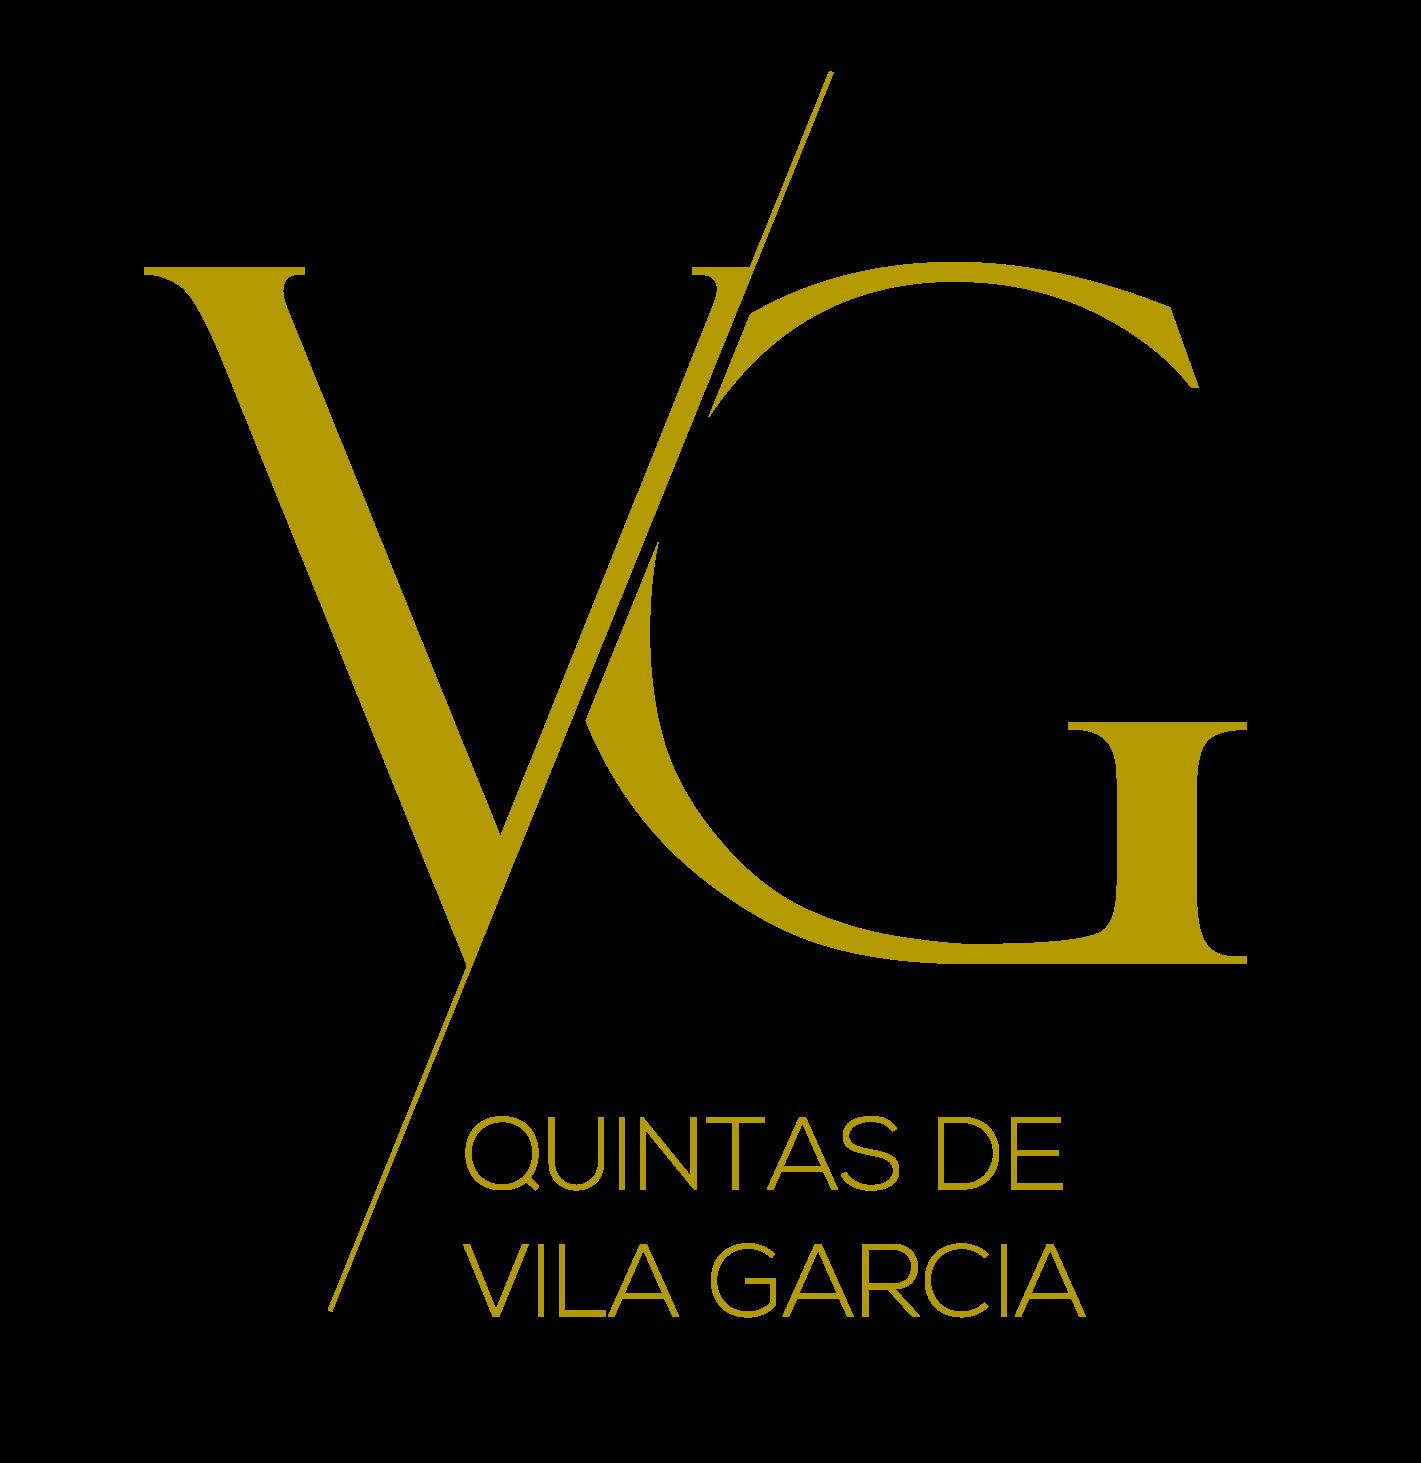 Quintas de Vila Garcia